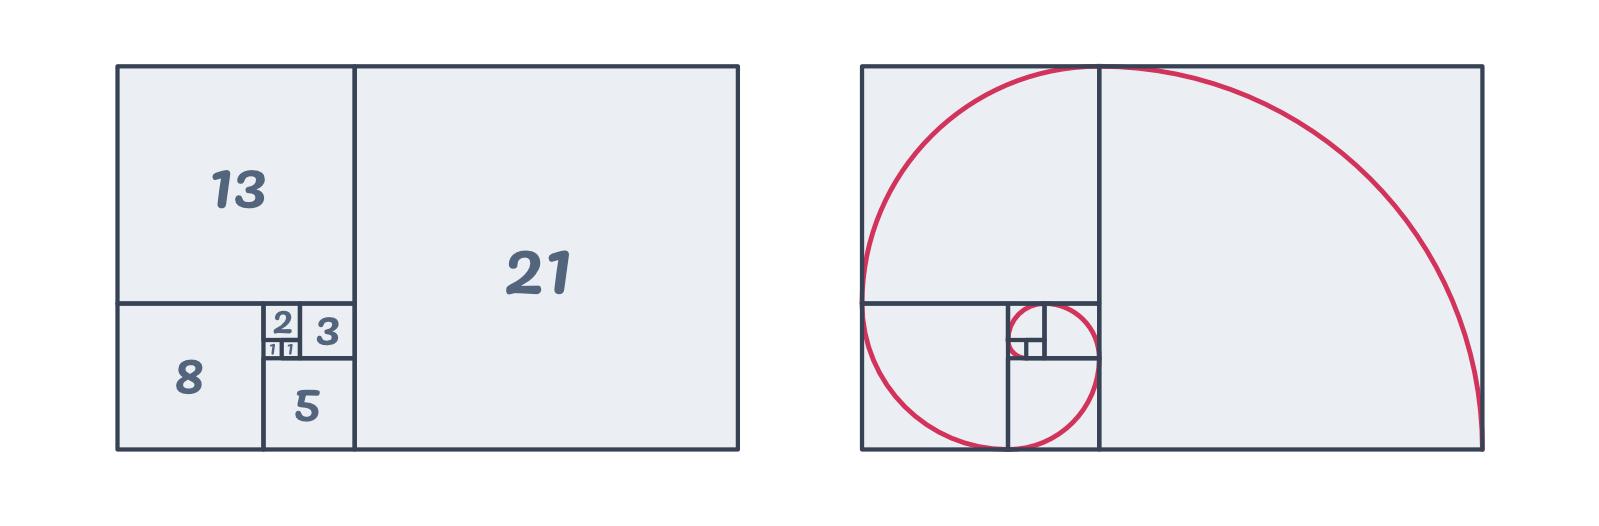 Composición Y Diseño La Proporción áurea Silo Creativo Disenos De Unas Proporcion Aurea Aurea